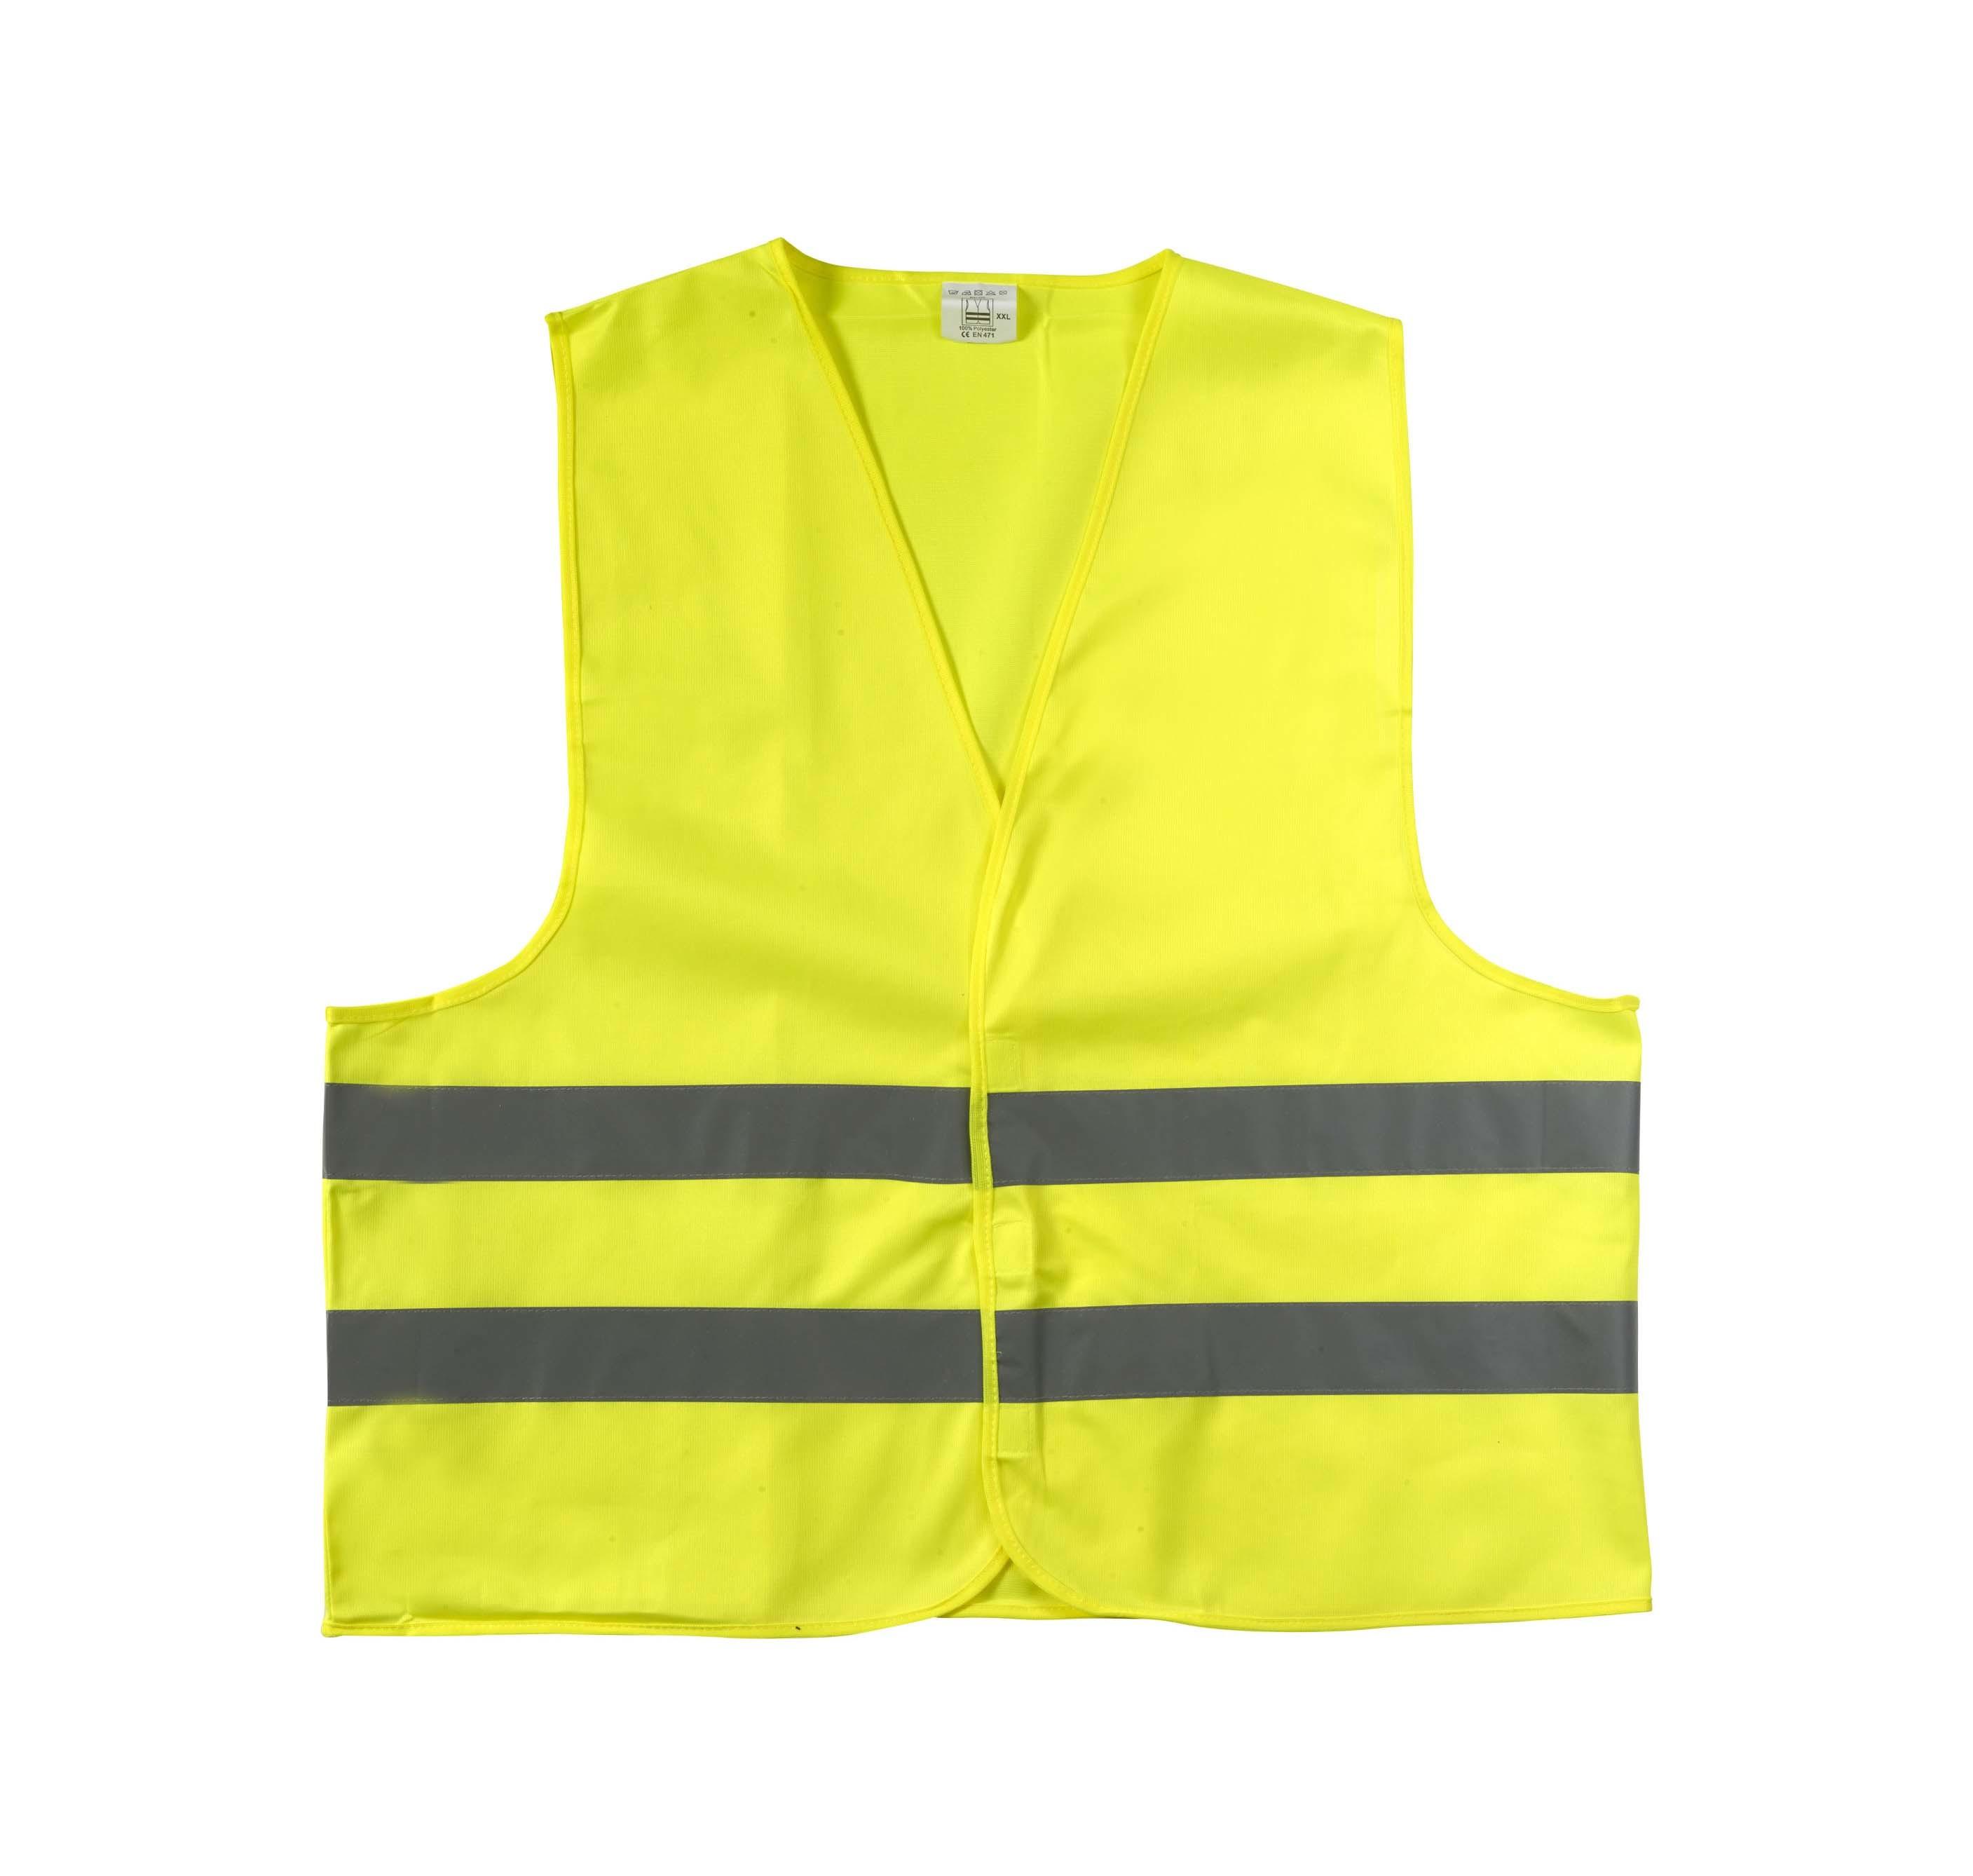 Gilet de sécurité en polyester pour adulte